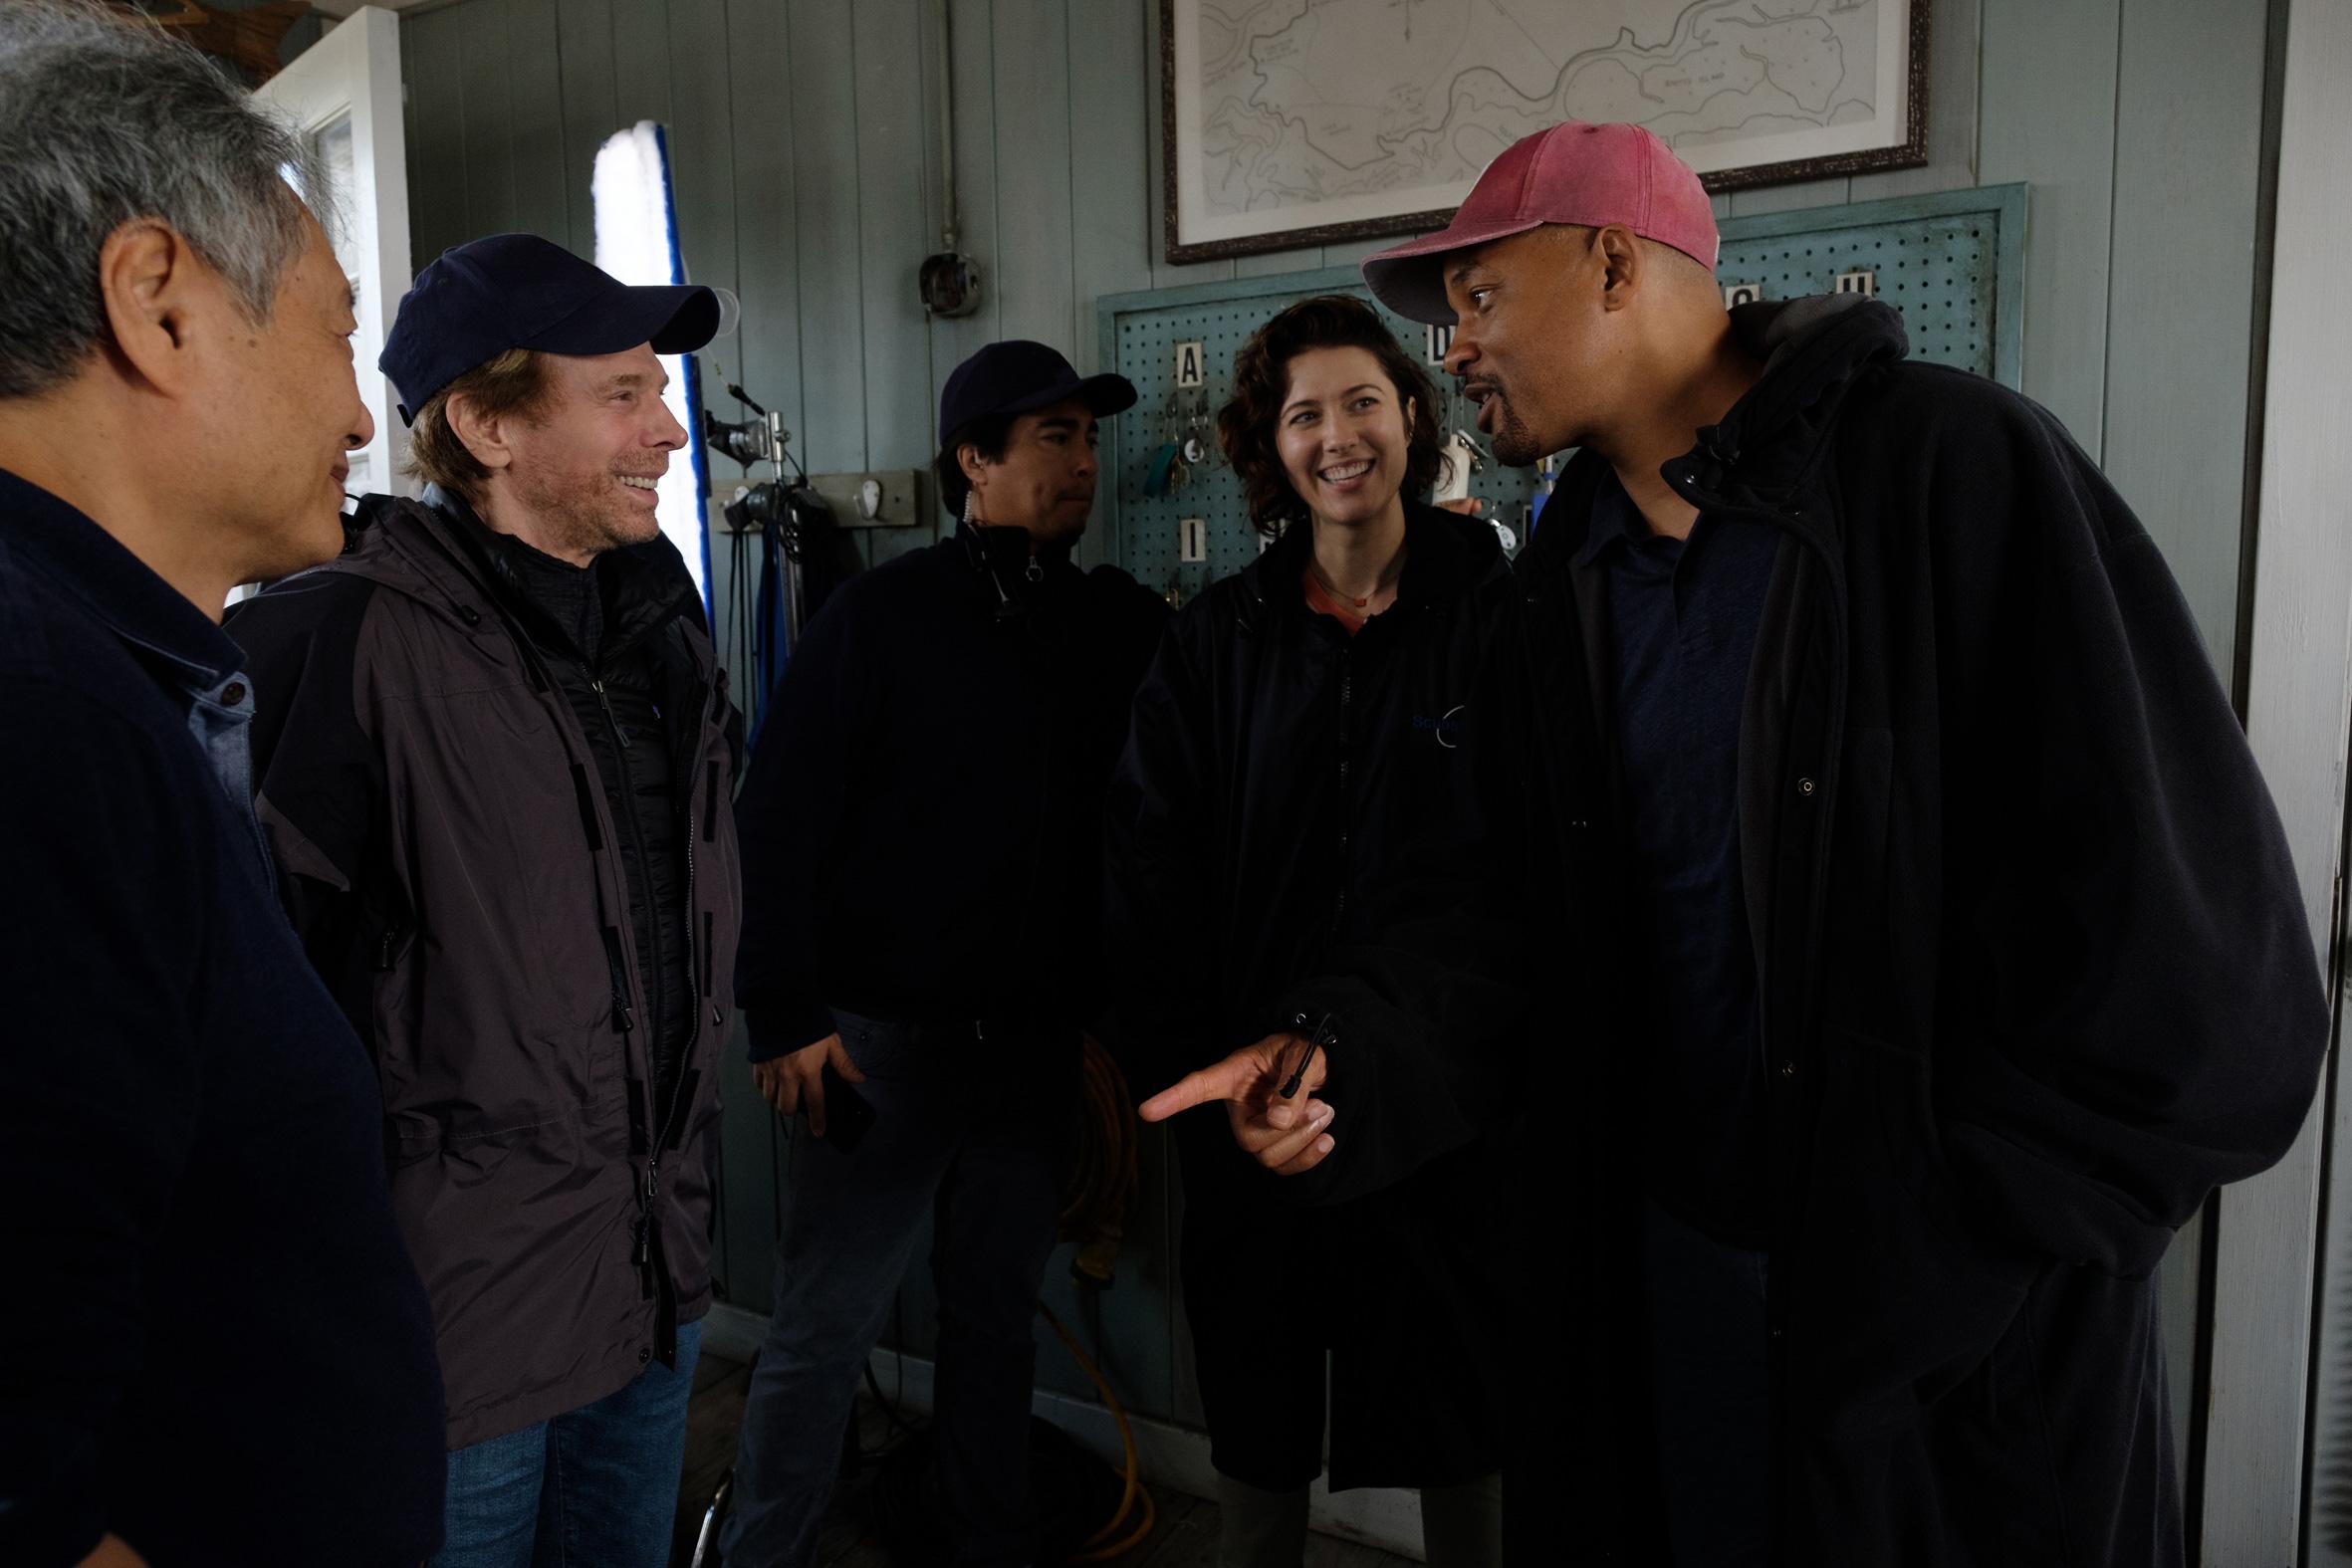 國際大導演李安新片《雙子殺手》採用影史最高規格拍攝